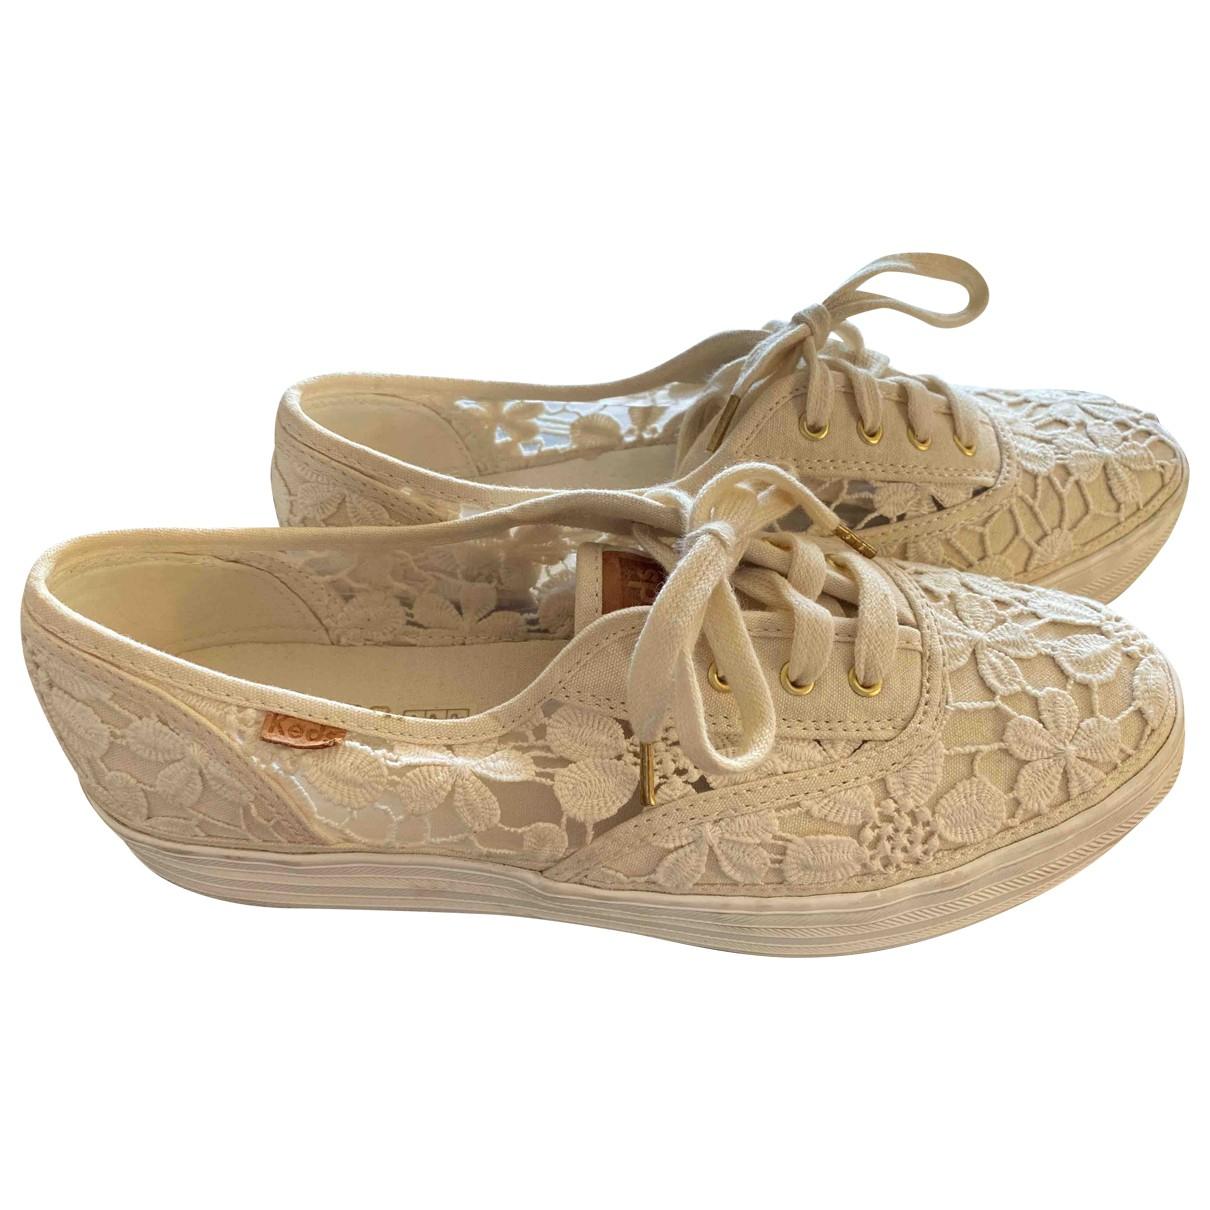 Keds - Baskets   pour femme en toile - beige